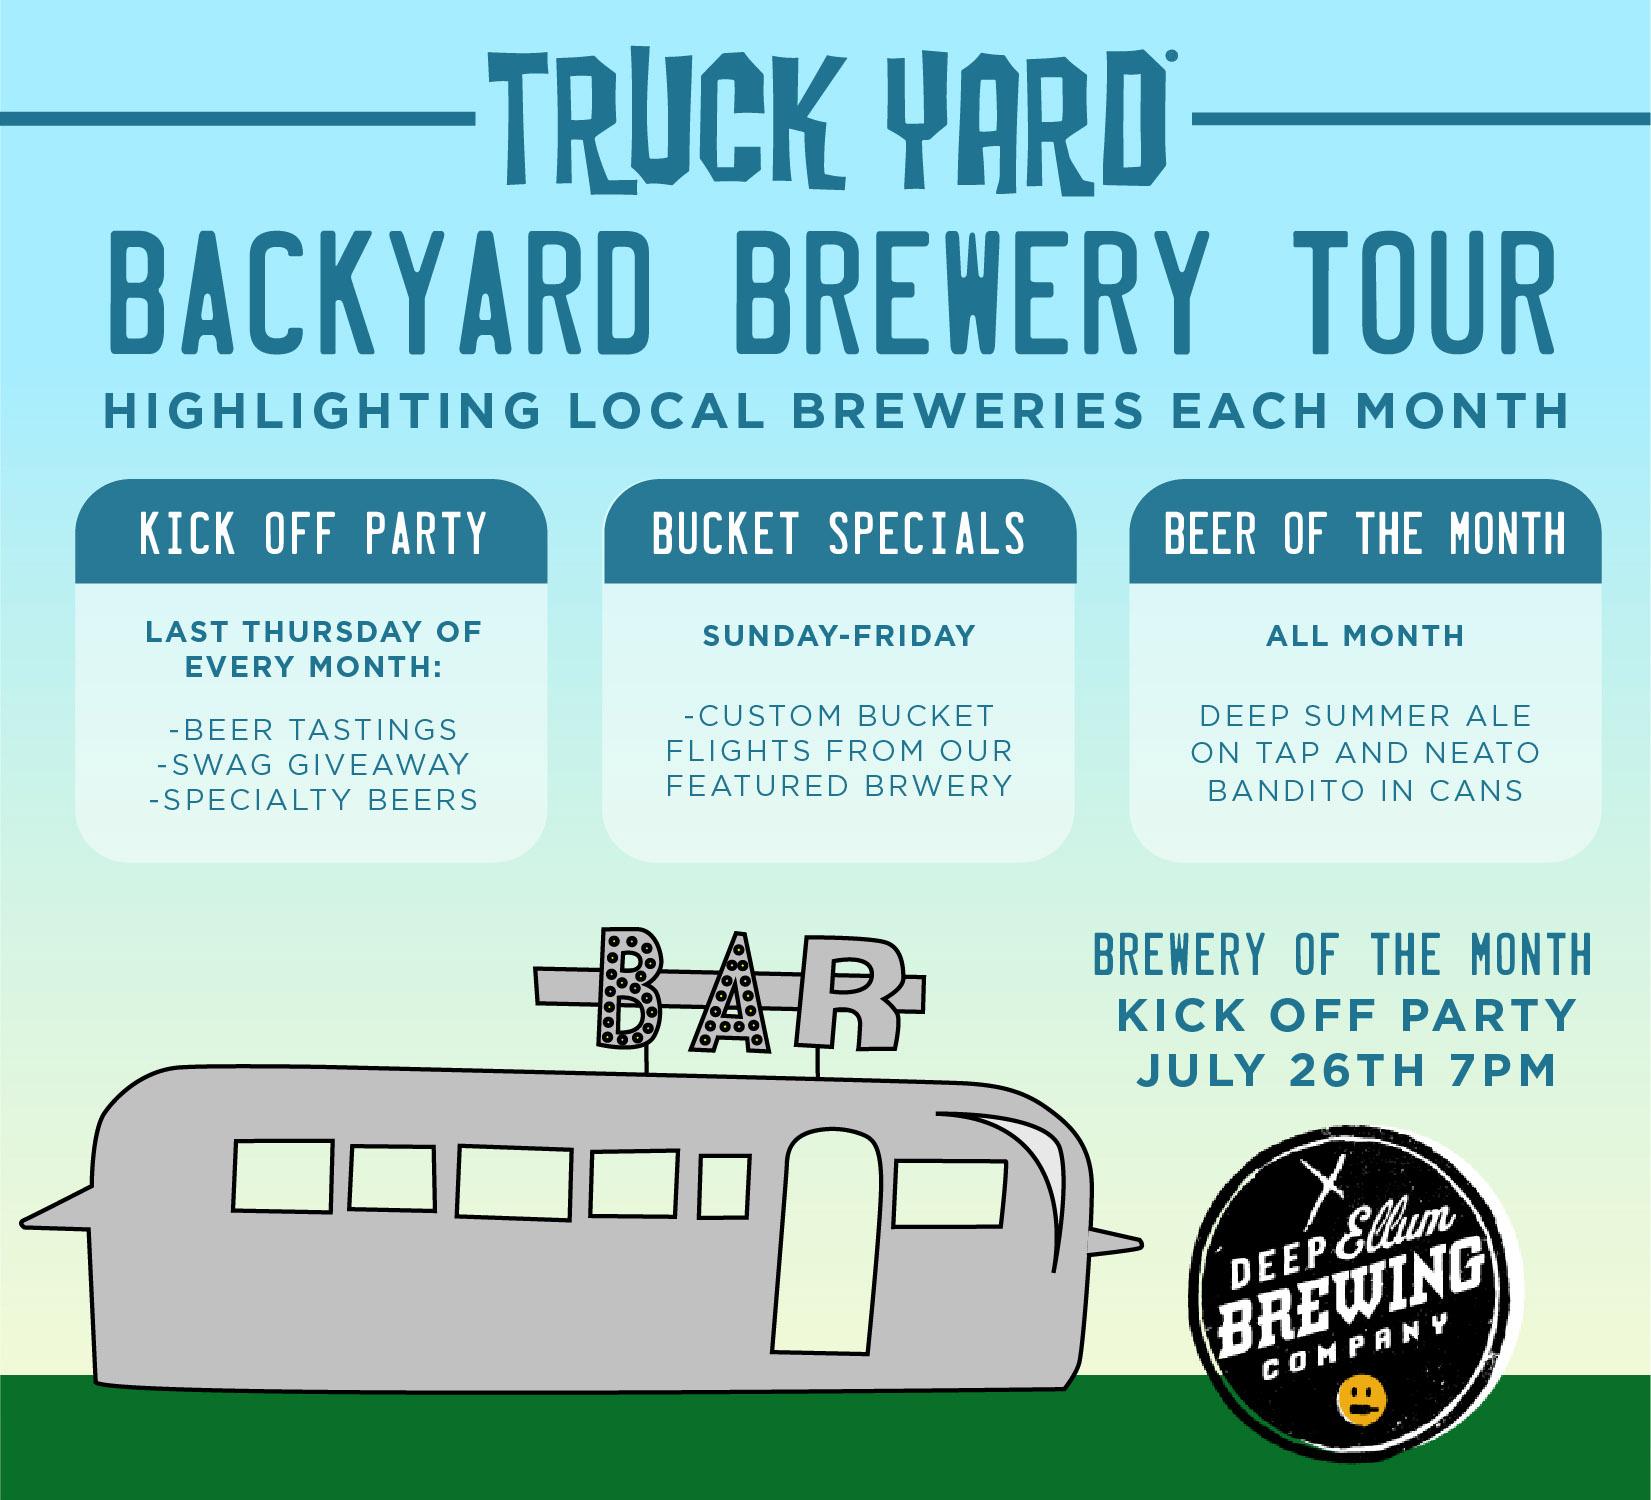 Backyard brewery-02 copy.jpg